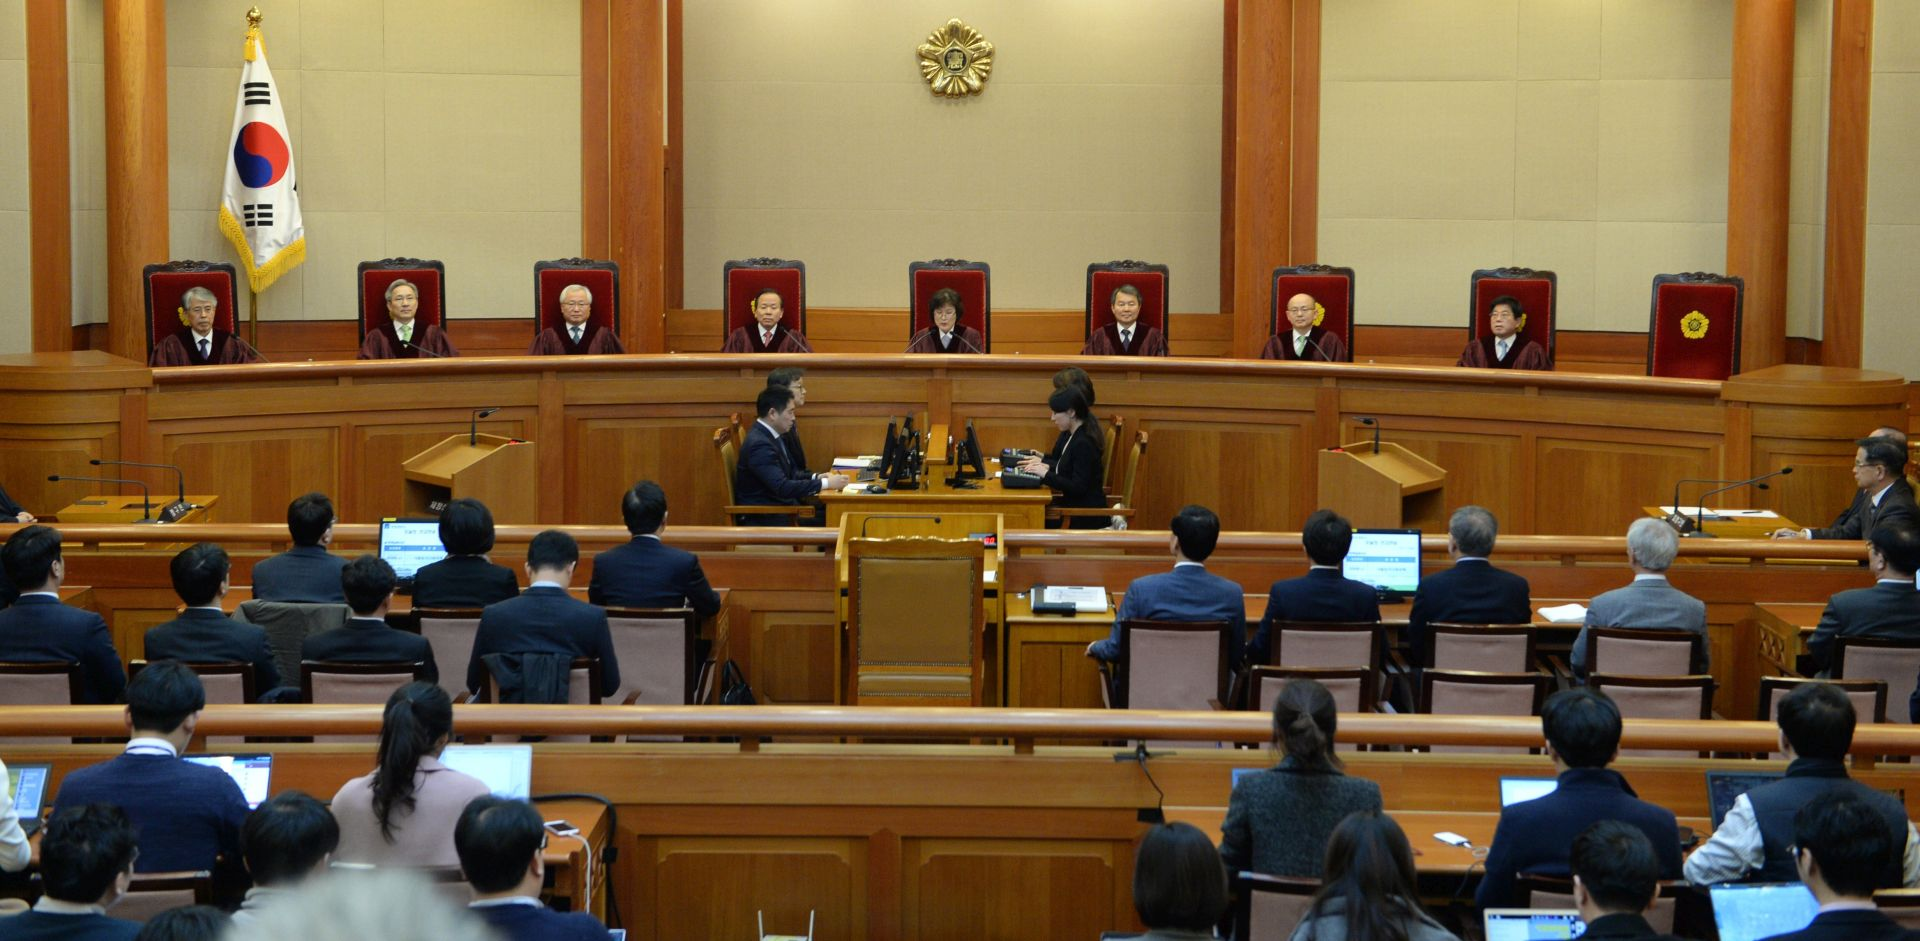 USPJEH MILIJUNA NEZADOVOLJNIH: Potvrđena smjena predsjednice Park Geun-Hye